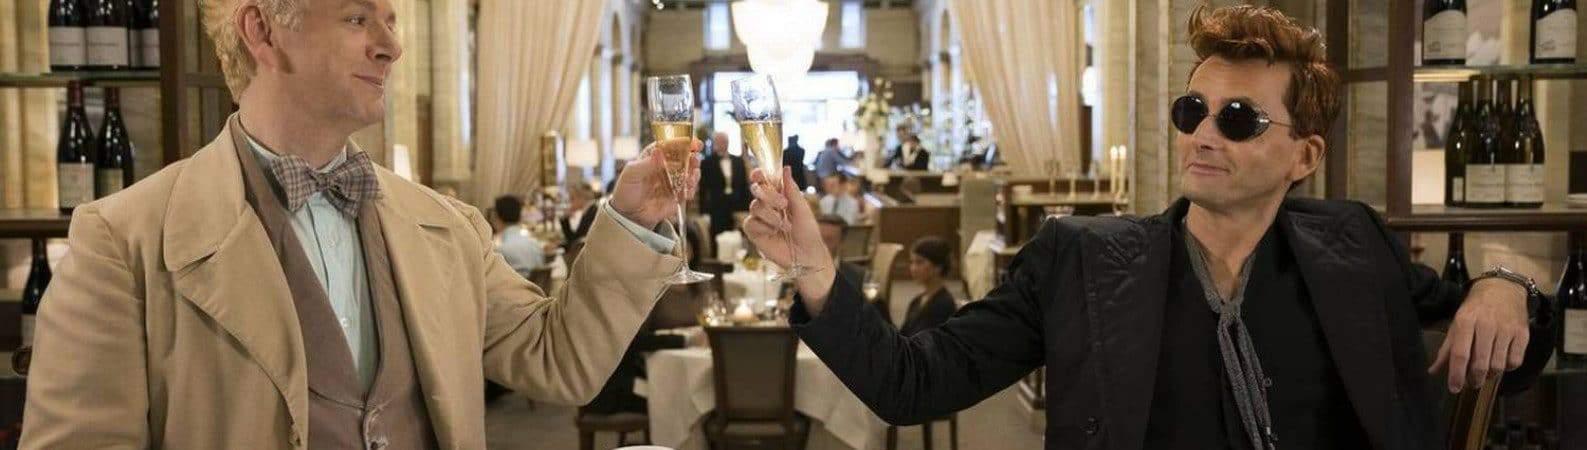 Em cena da primeira temporada, Michael Sheen (Aziraphale) e David Tennant (Crowley) aparecem brindando em uma mesa.